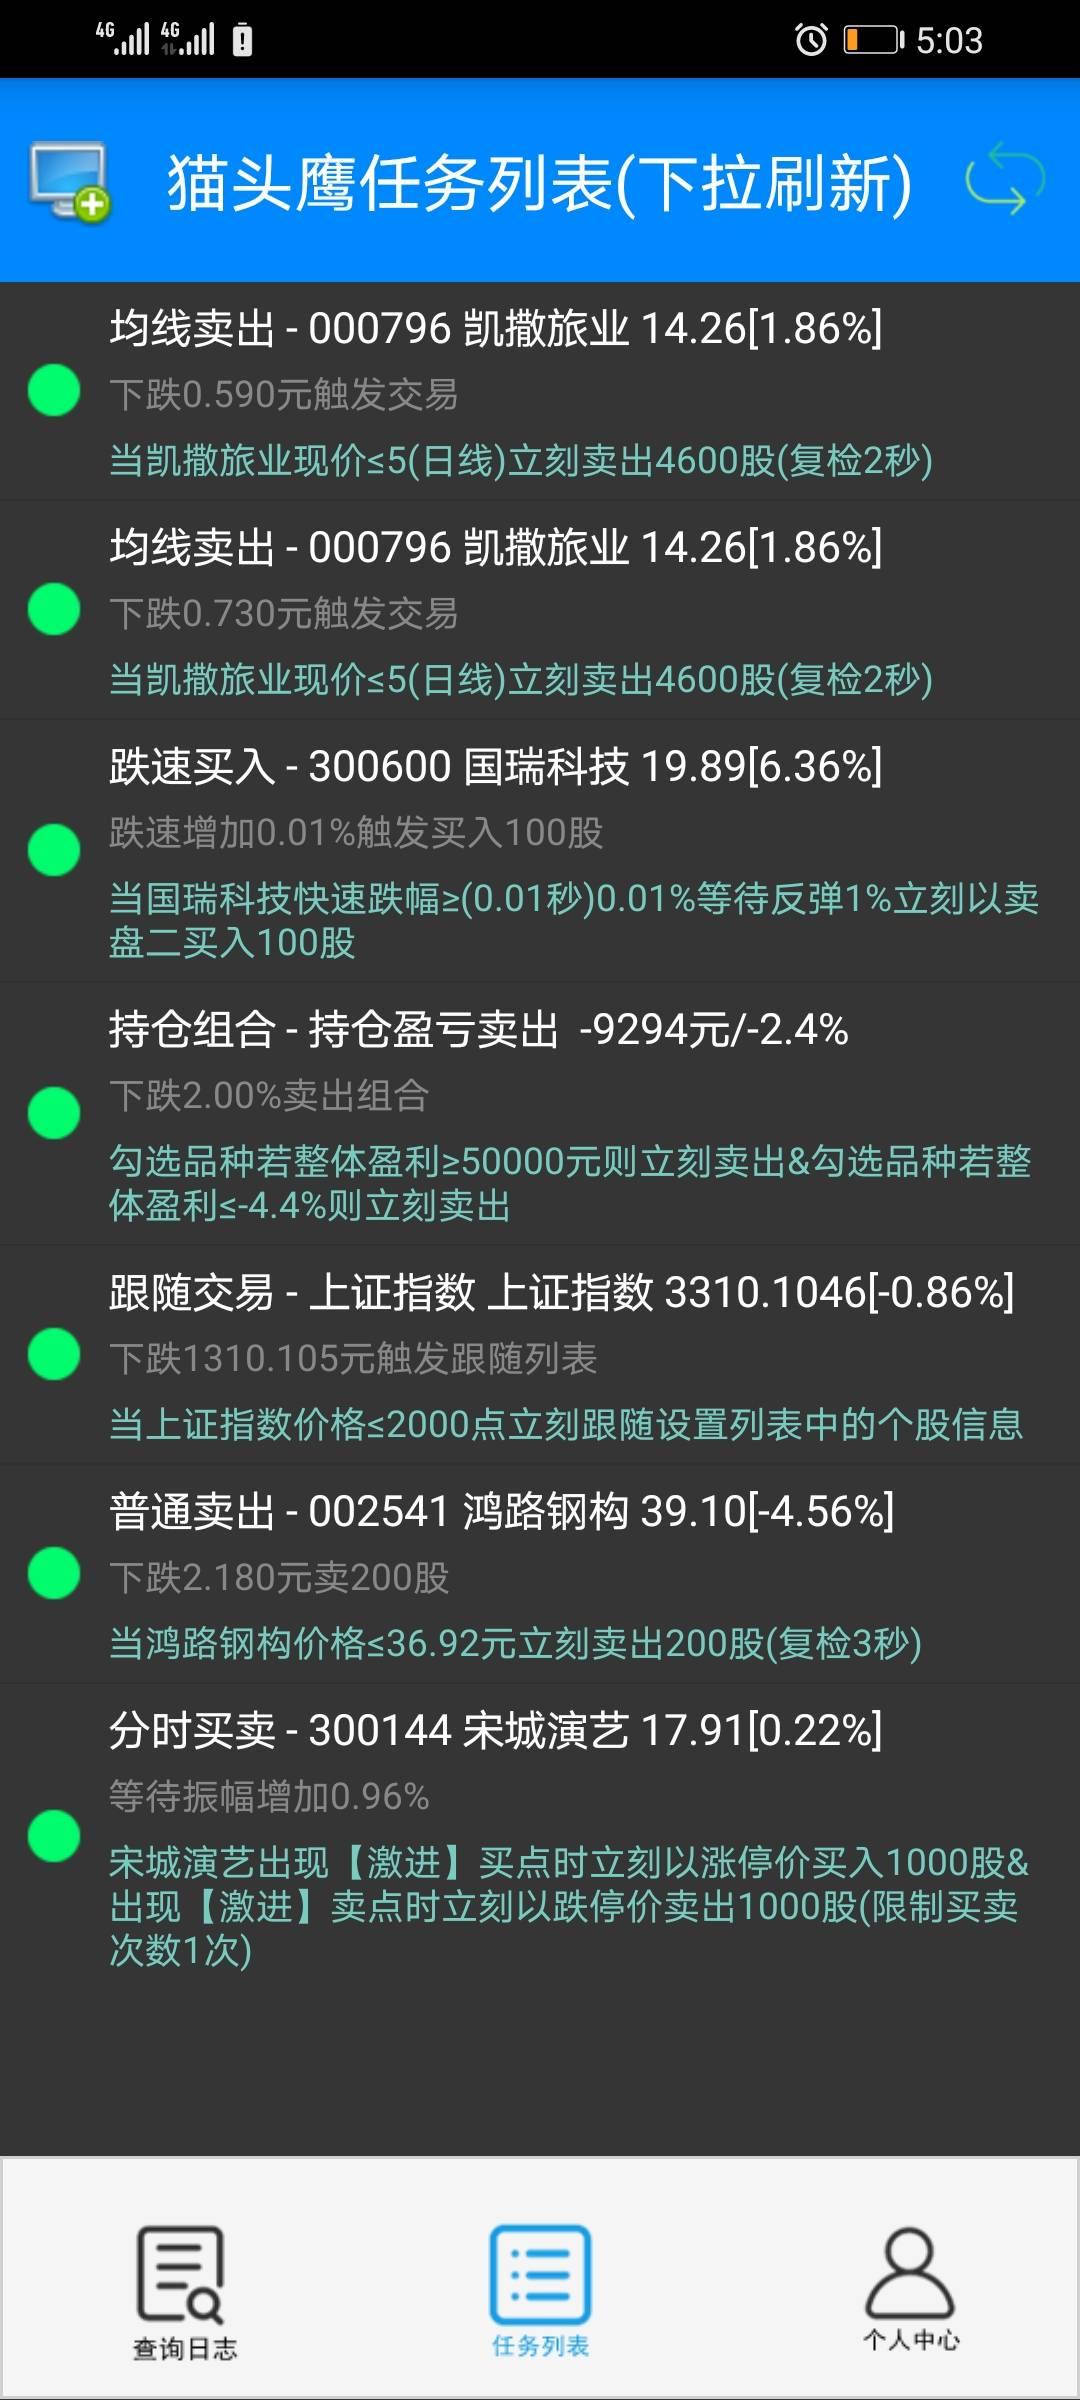 股票交易软件:股票自动交易软件手机版有哪些